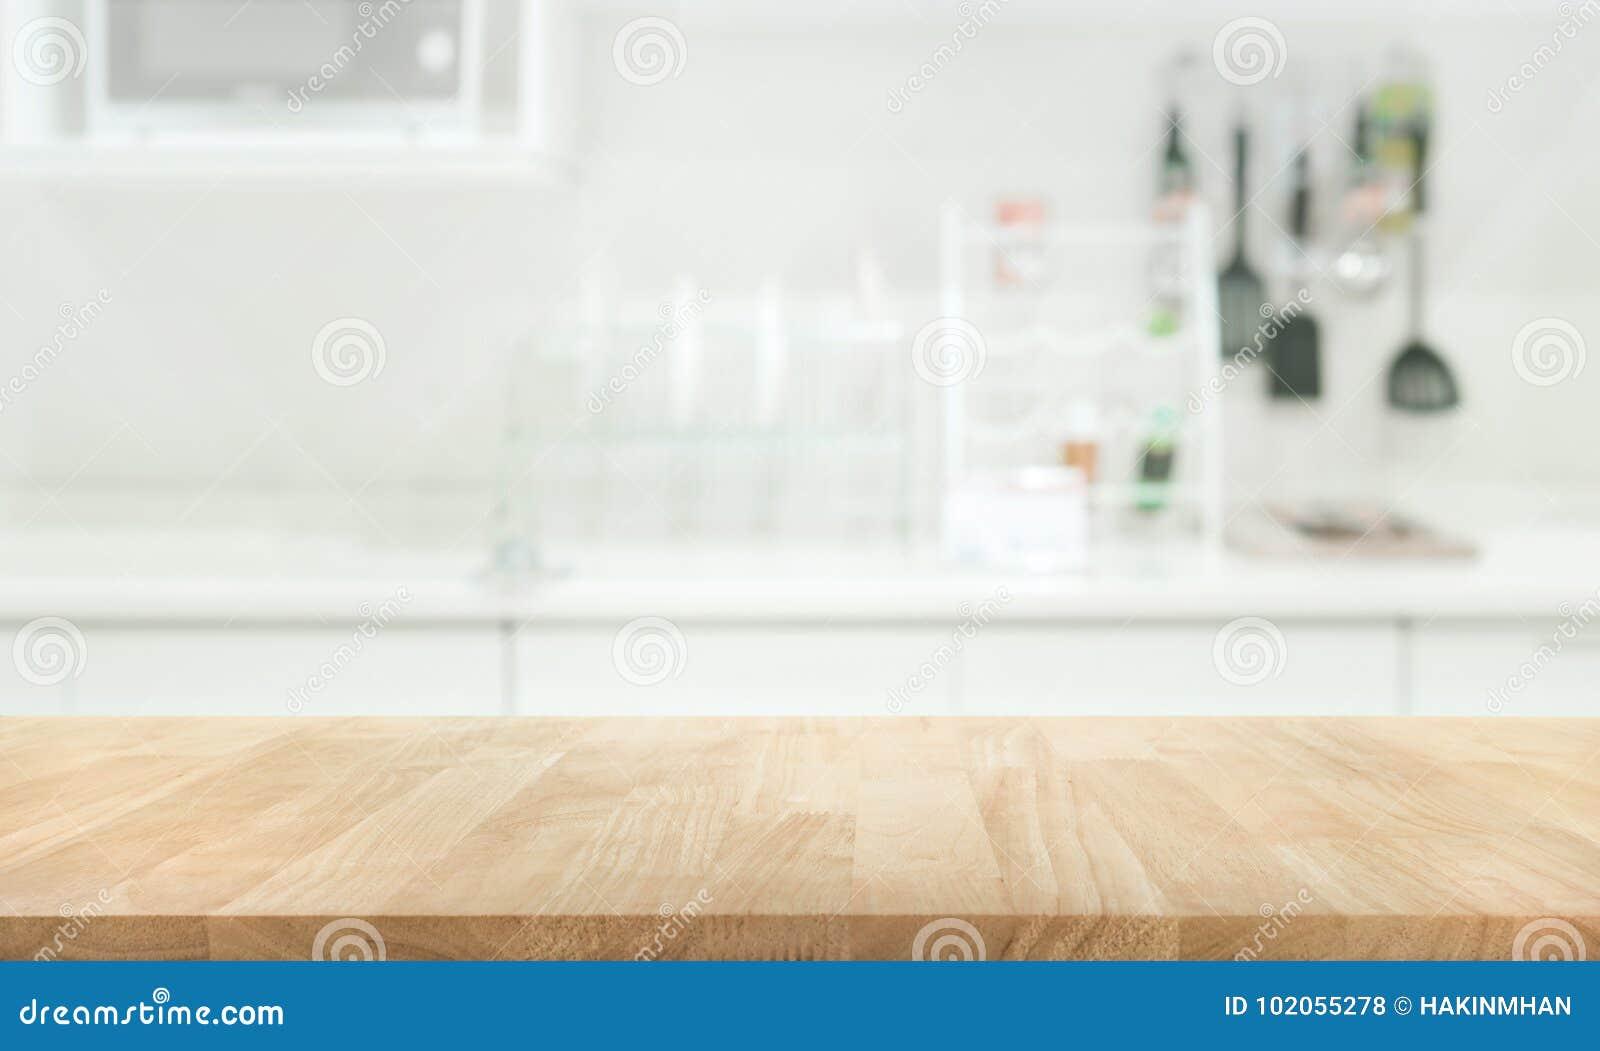 Ξύλινη επιτραπέζια κορυφή στο υπόβαθρο δωματίων κουζινών θαμπάδων